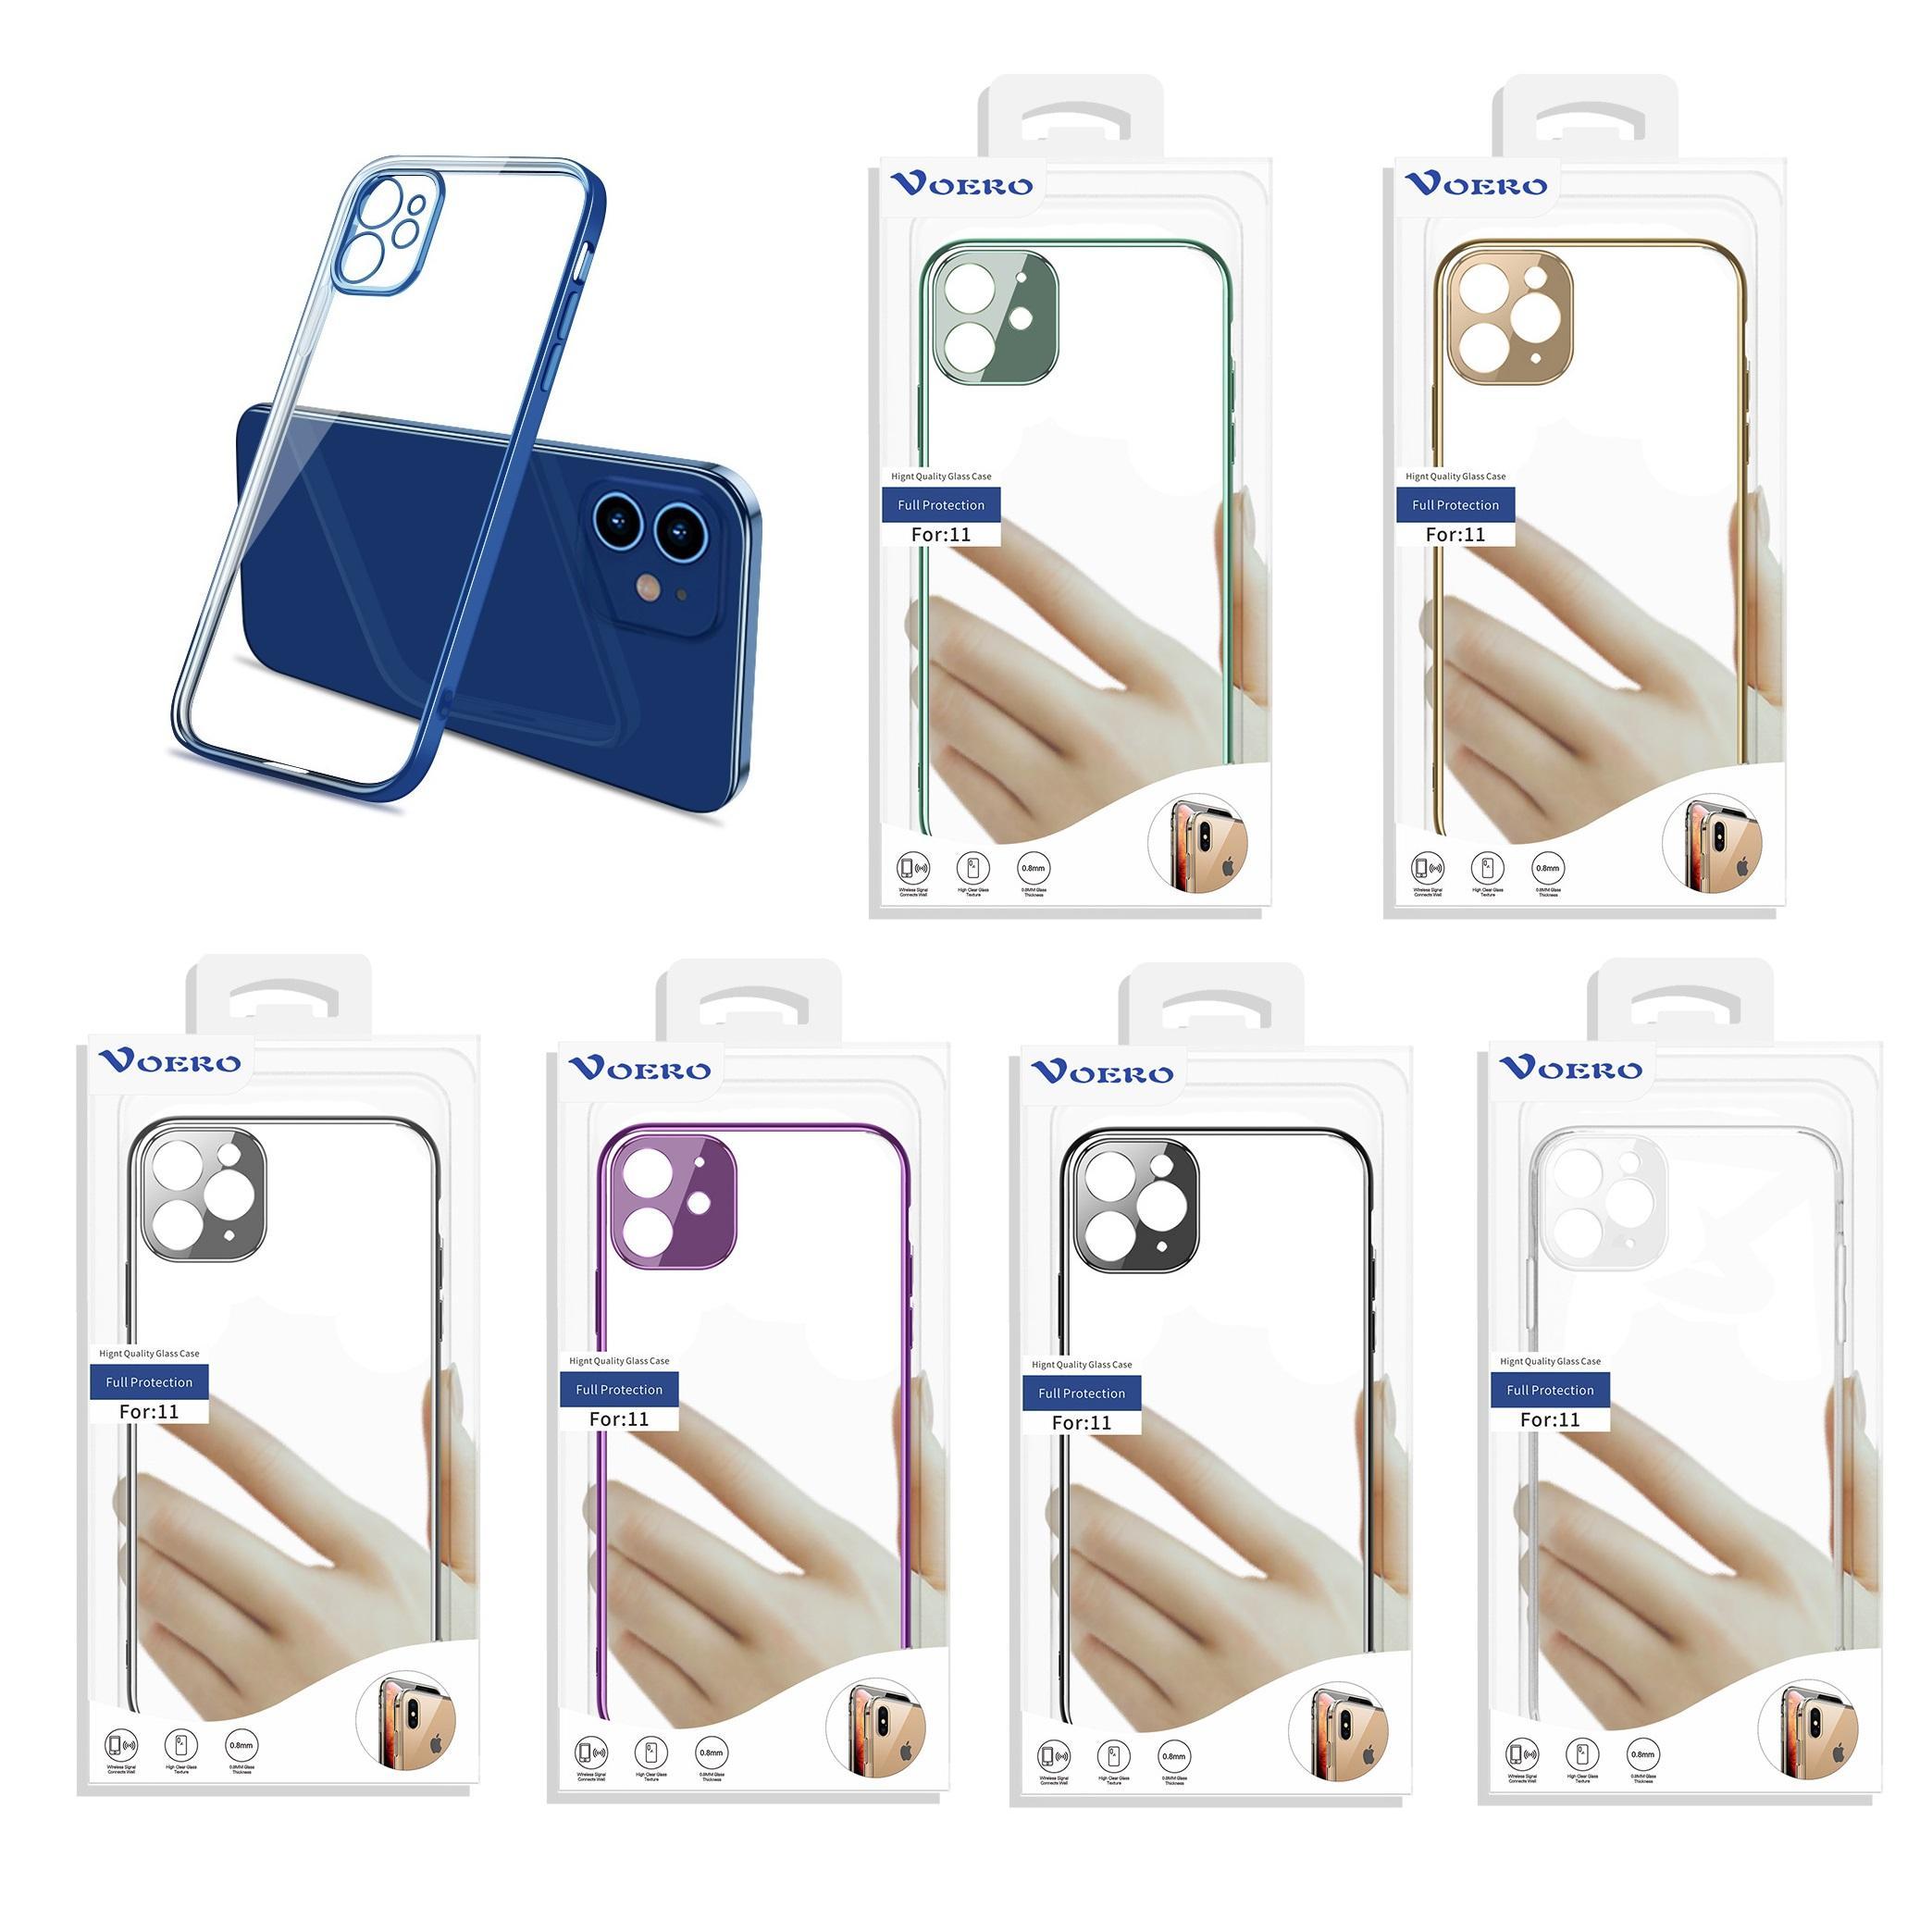 2021 Caso de Telefone Móvel Transparente Capa Protetora do TPU Anti-Queda Caixa Protetora para iPhone 12, 11, Pro e Mais Modelo